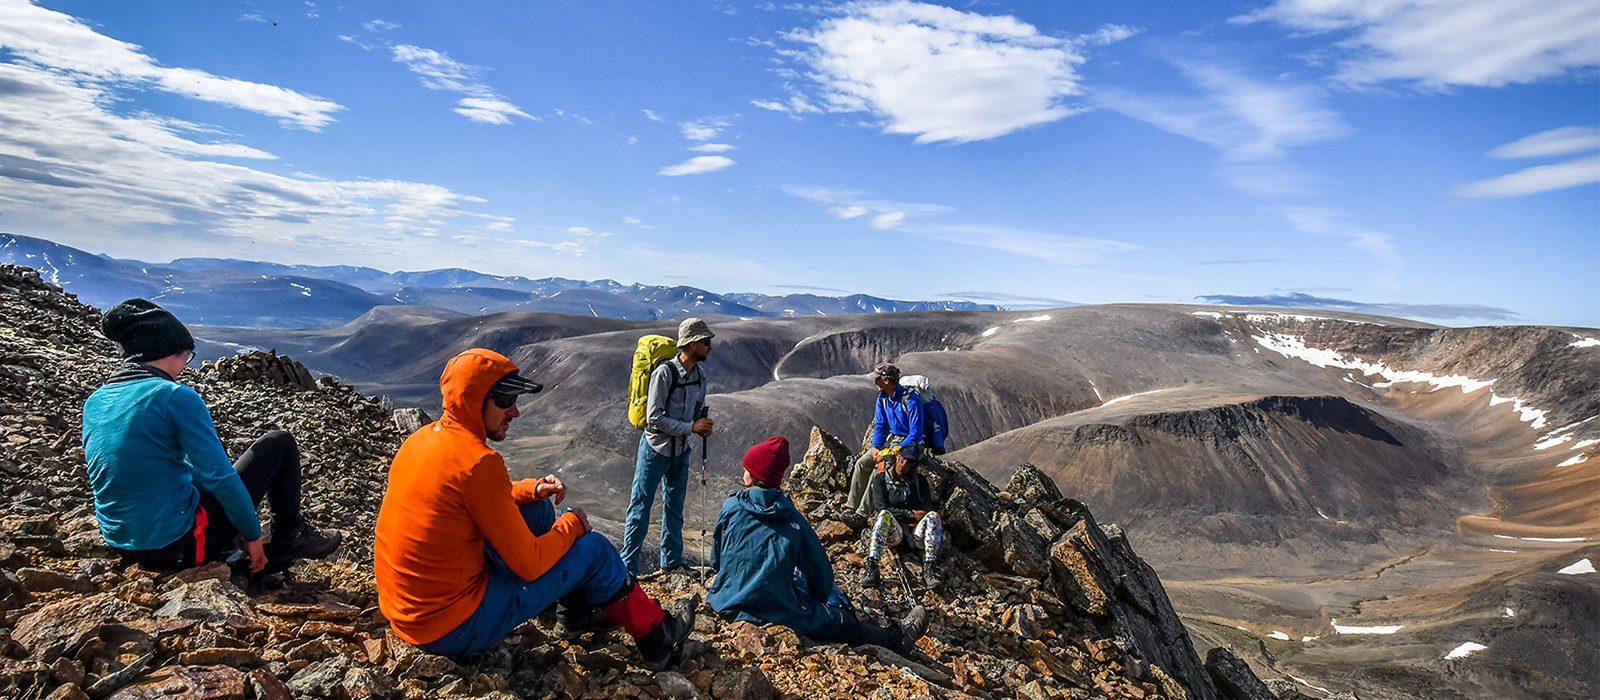 5-destinations-hors-des-sentiers-battus-quebec-parc-nunavik-quebec-le-mag